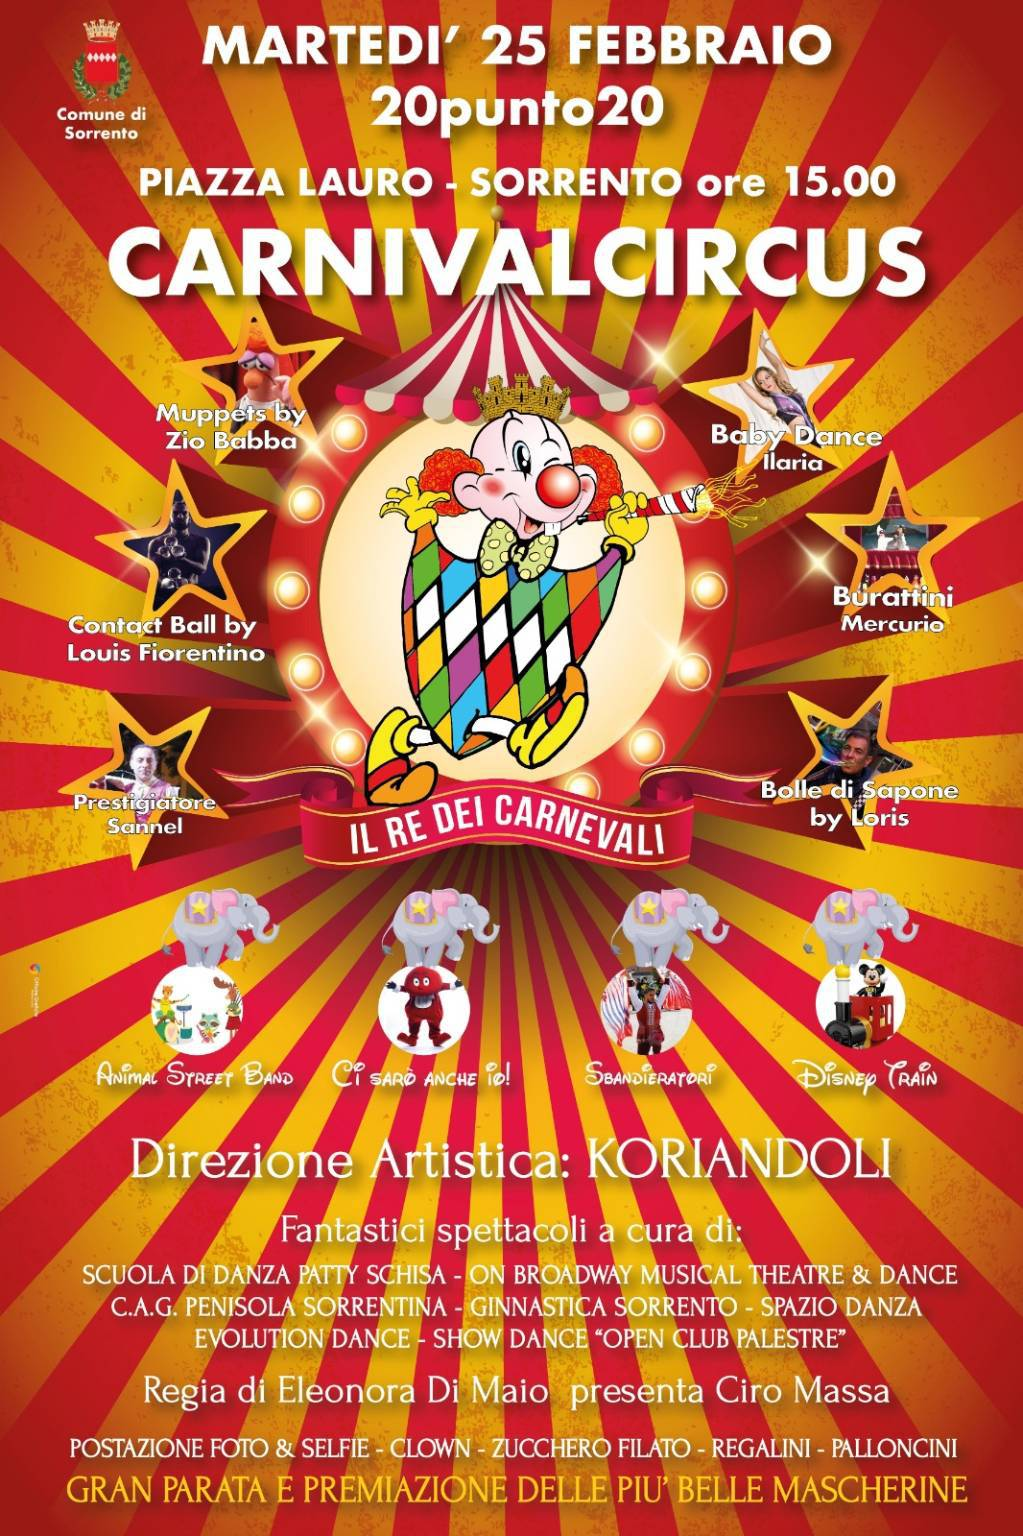 carnivalcircus sorrento